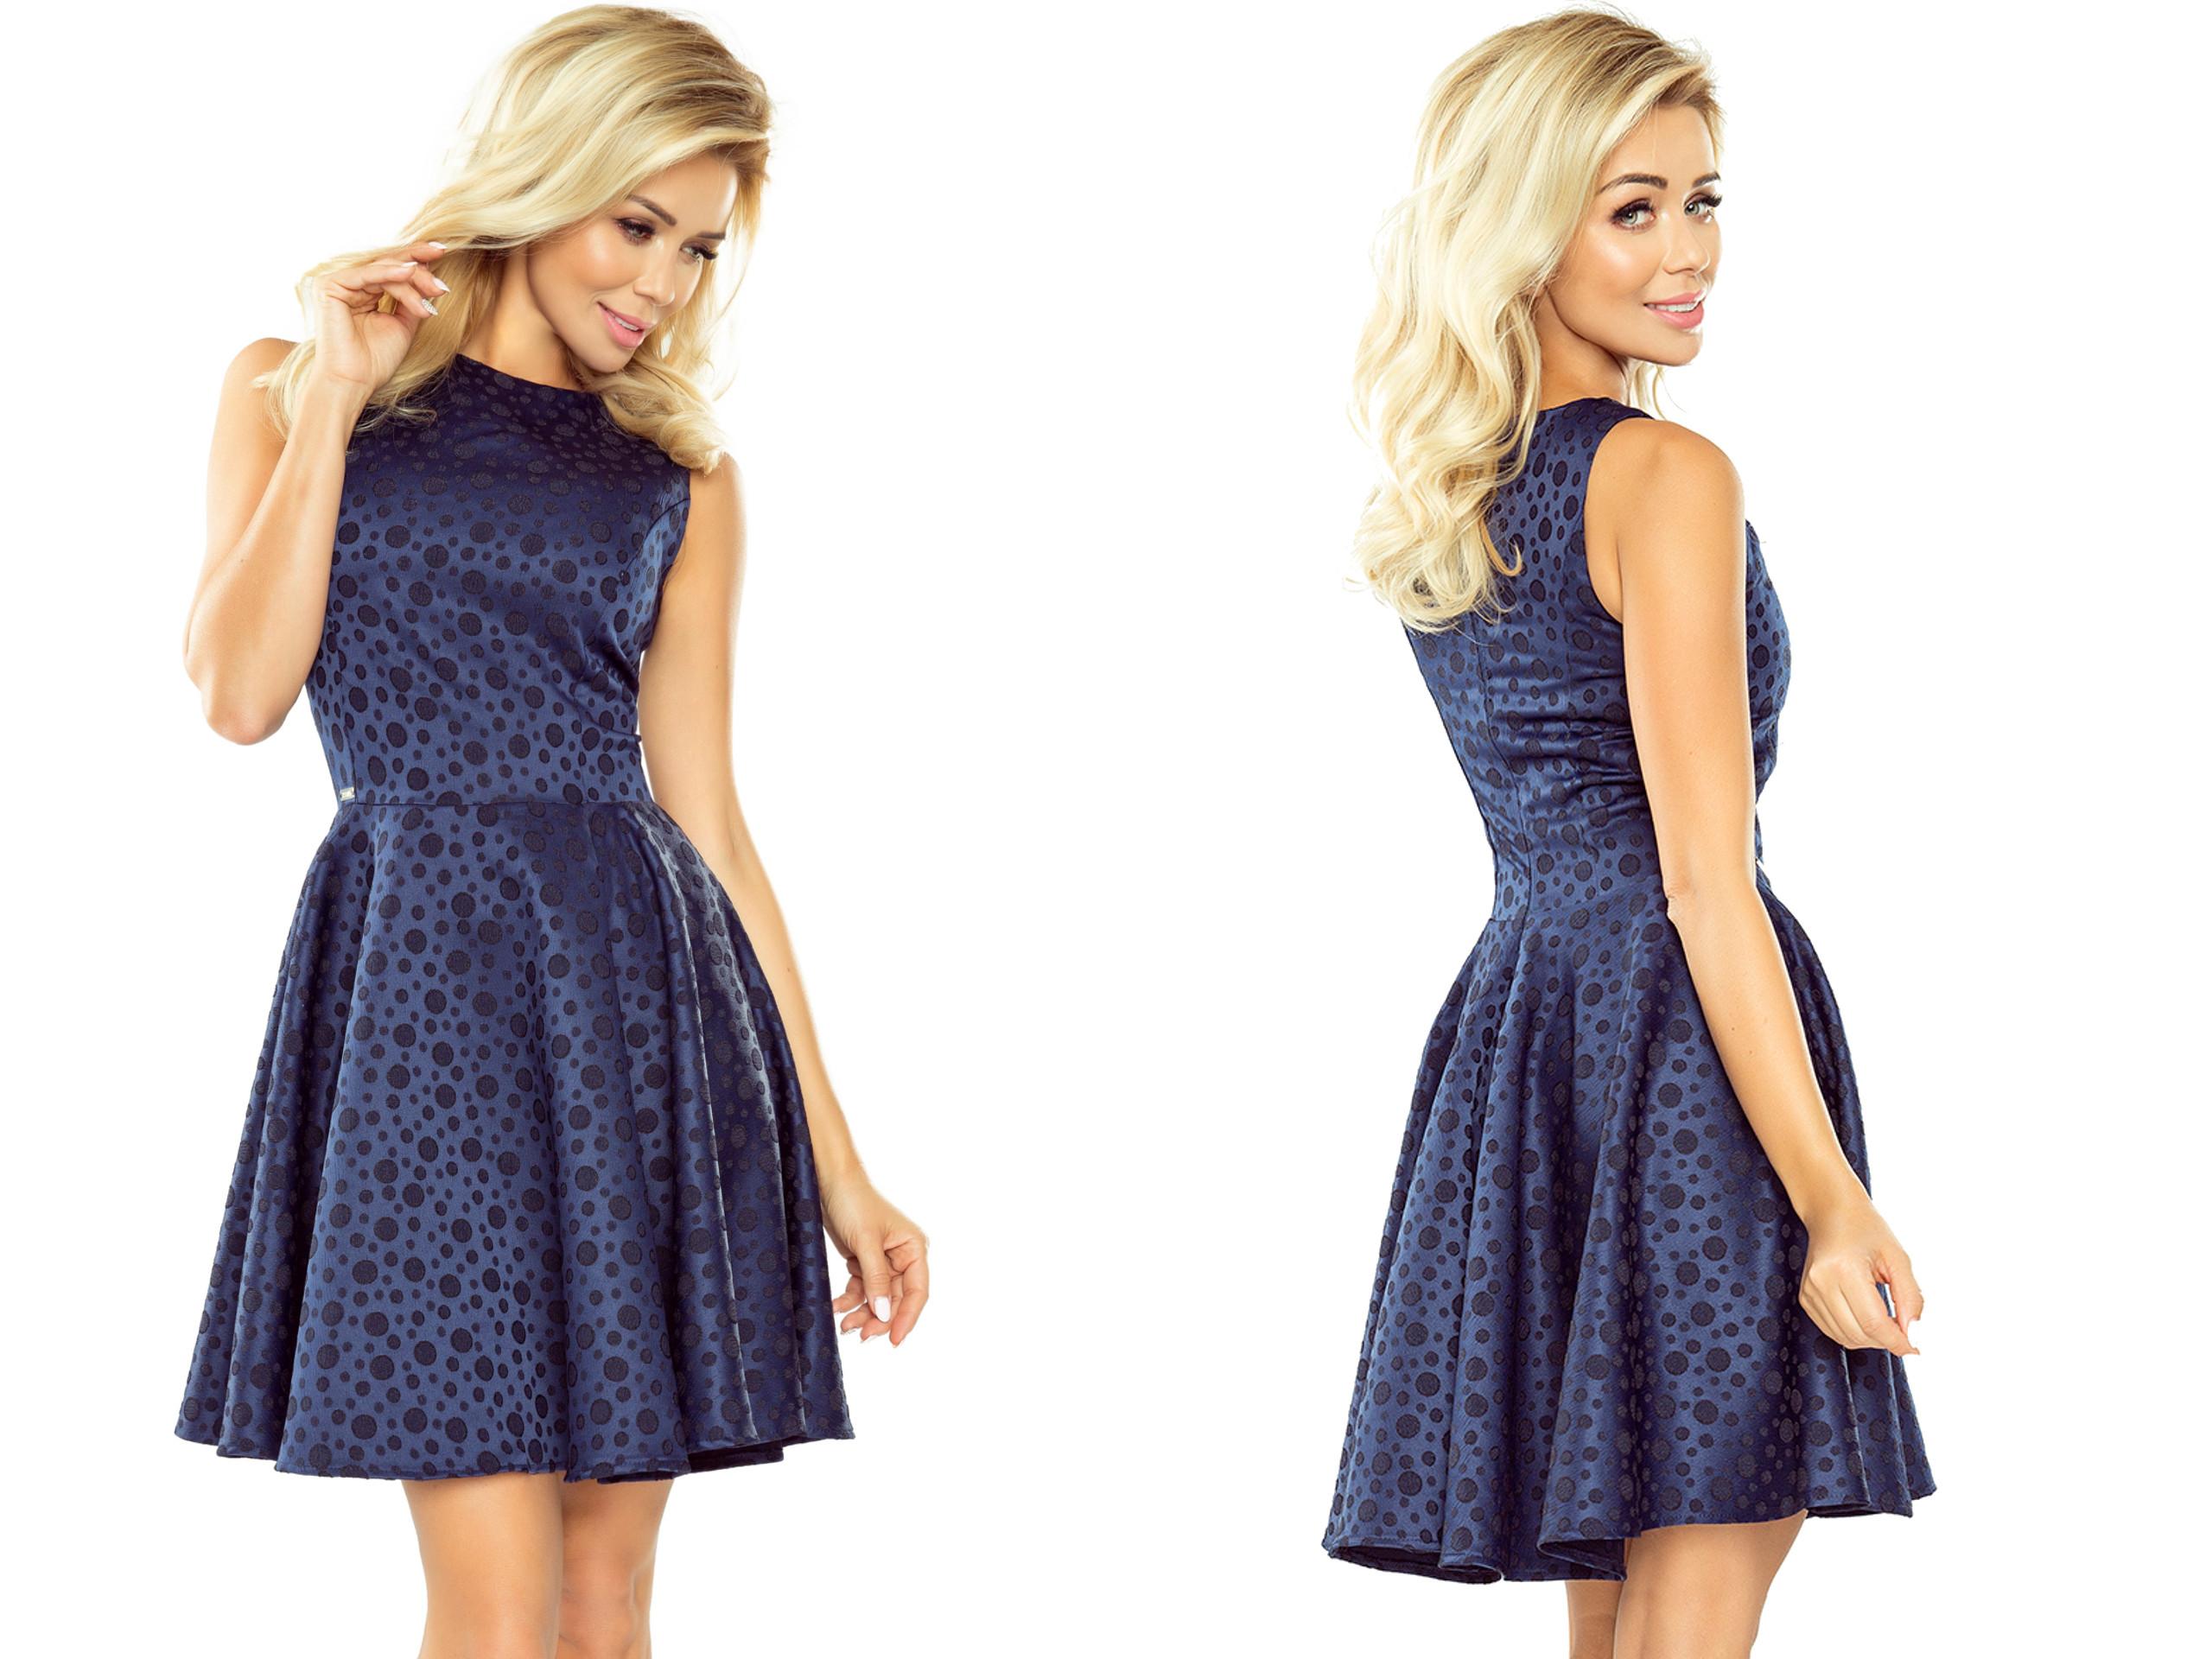 94d25589ed Modna Młodzieżowa Sukienka KOKTAJLOWA 125-22 L 40 7185639386 - Allegro.pl